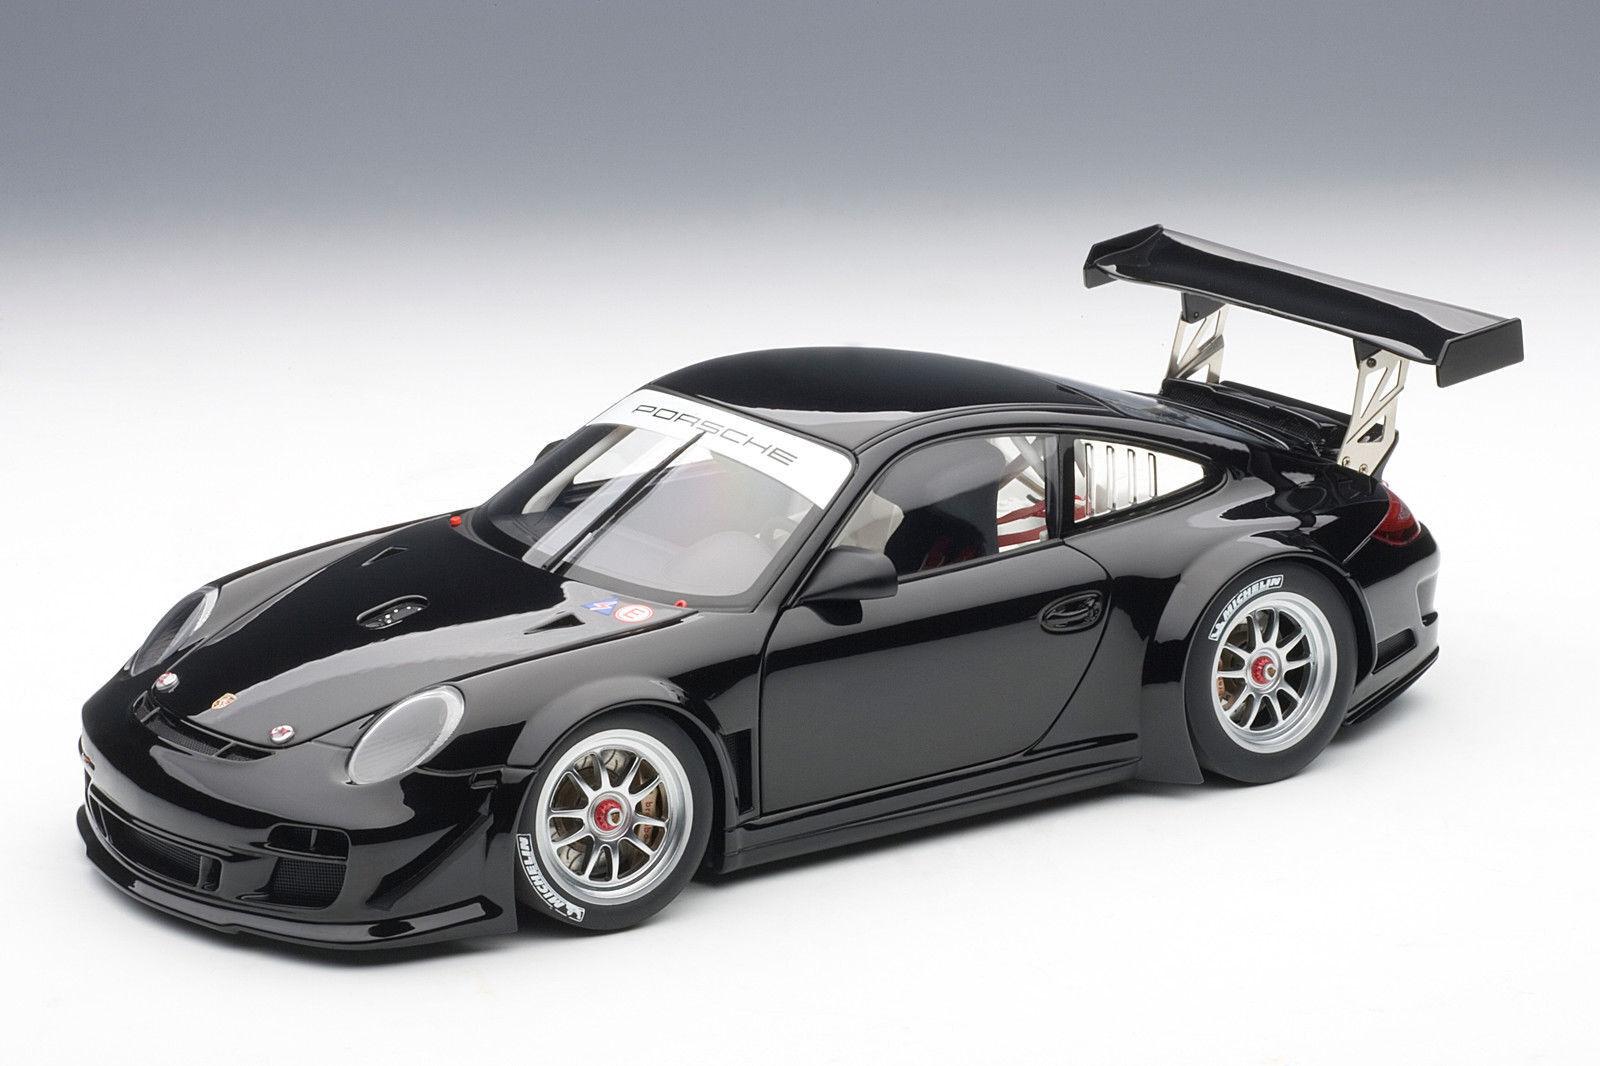 1/18 Autoart Porsche 911 (997) Gt3 R Cuerpo Liso Versión (Negro) 2018